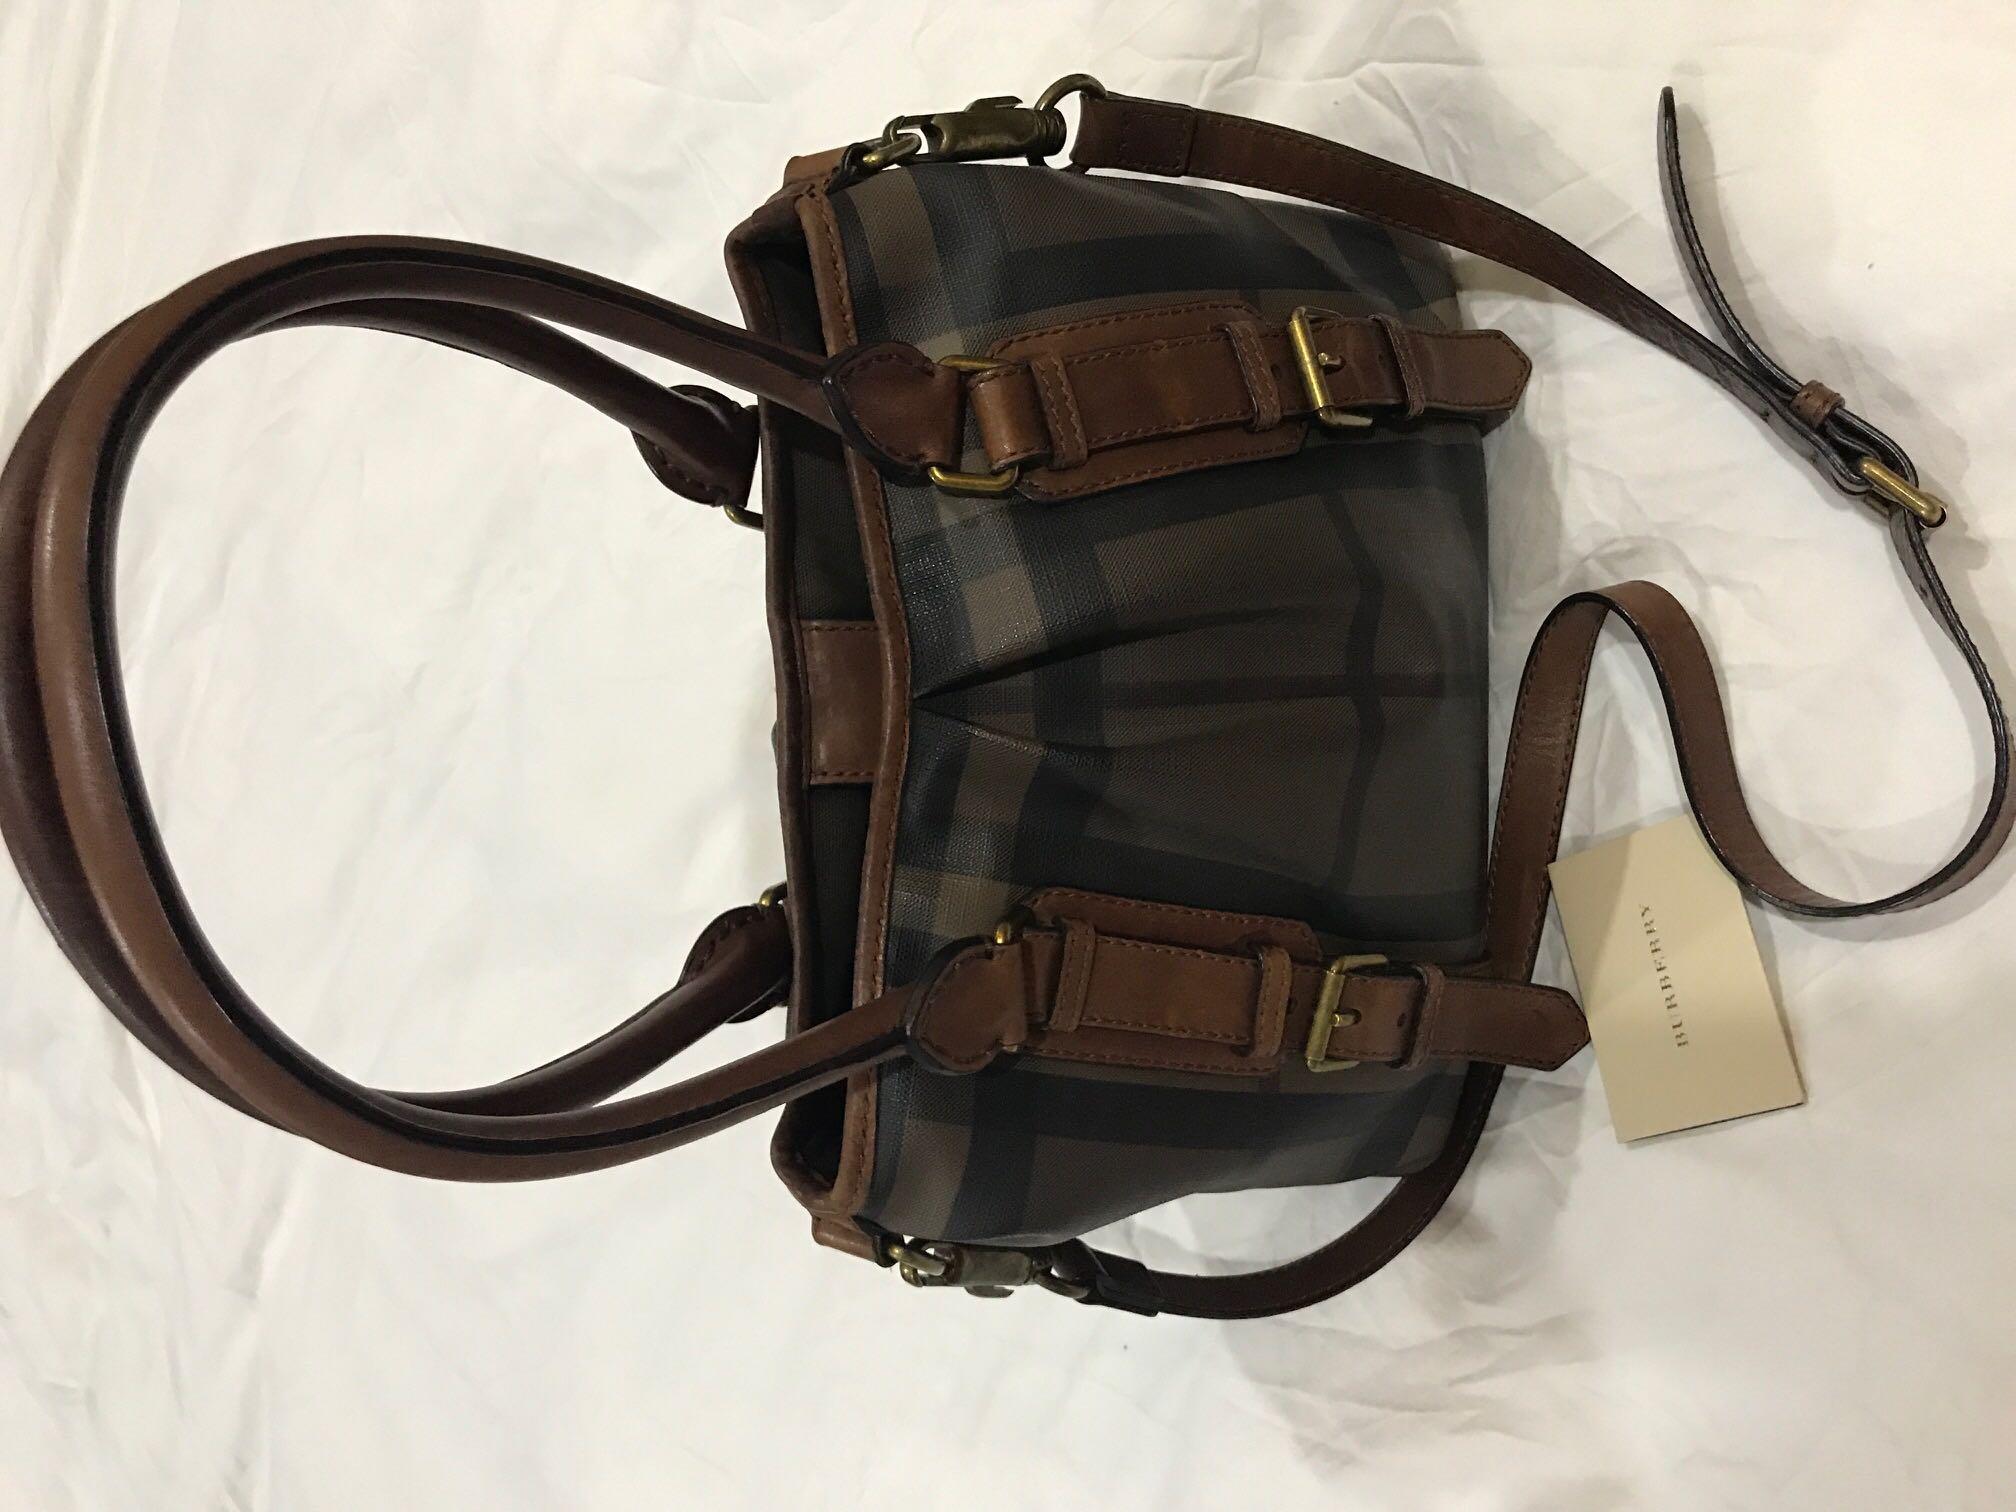 d4d21d58f6a4 Original Burberry smoked check northfield tote bag